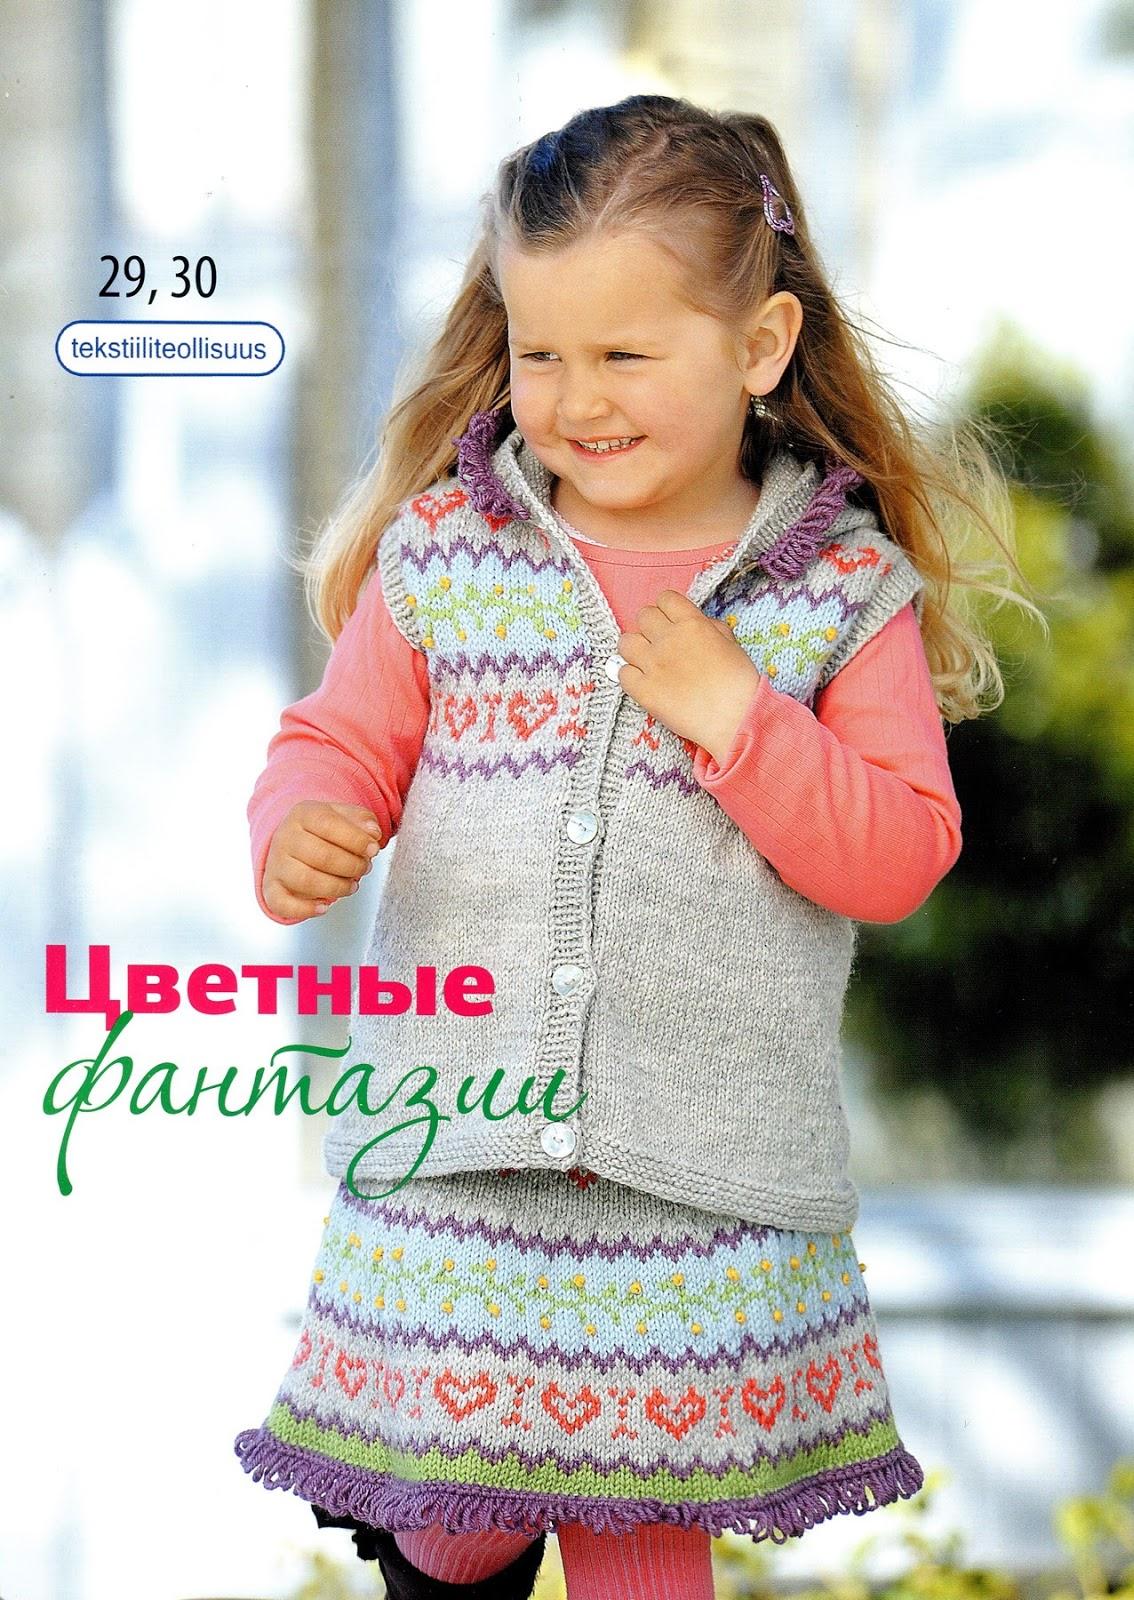 Детский костюм для девочки 2, 4, 6, 8 лет (юбка и жилет) раздел спицами вязаные кофты (свитеры) схемы.